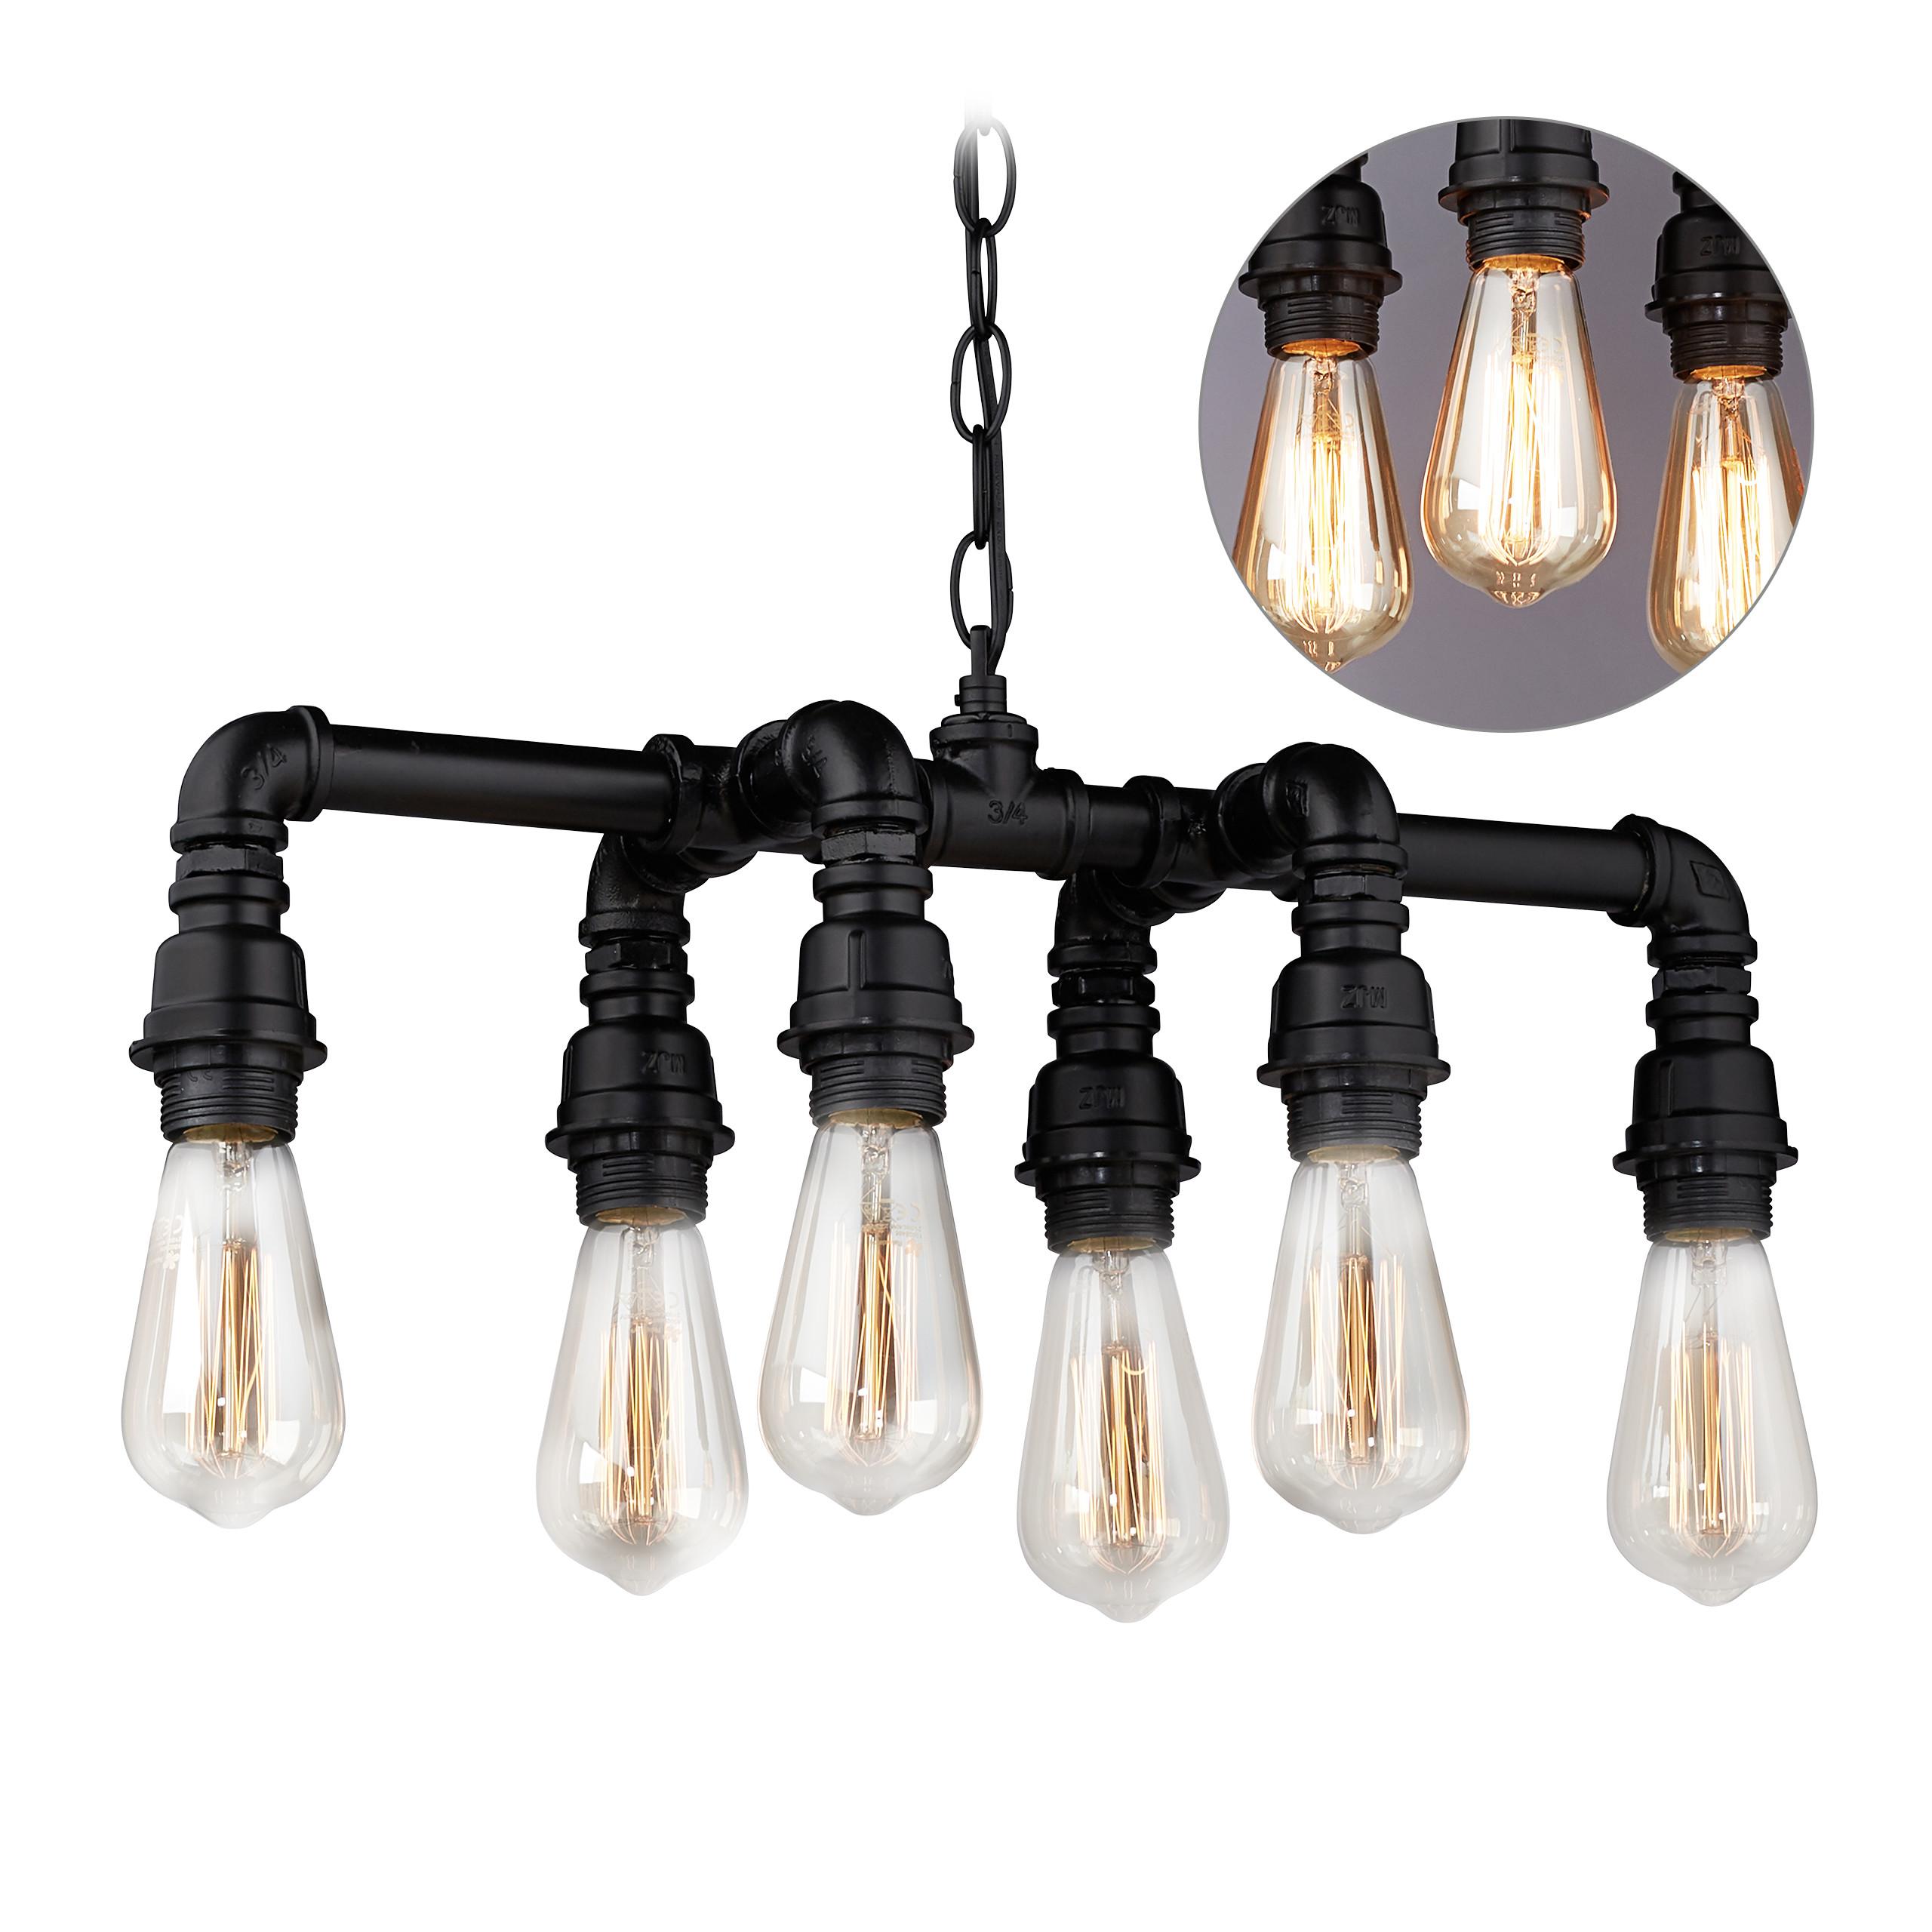 Full Size of Deckenlampe Industrial Rohr Hngelampe Barlampe Hngeleuchte Rohrlampe Bad Esstisch Schlafzimmer Deckenlampen Für Wohnzimmer Modern Küche Wohnzimmer Deckenlampe Industrial